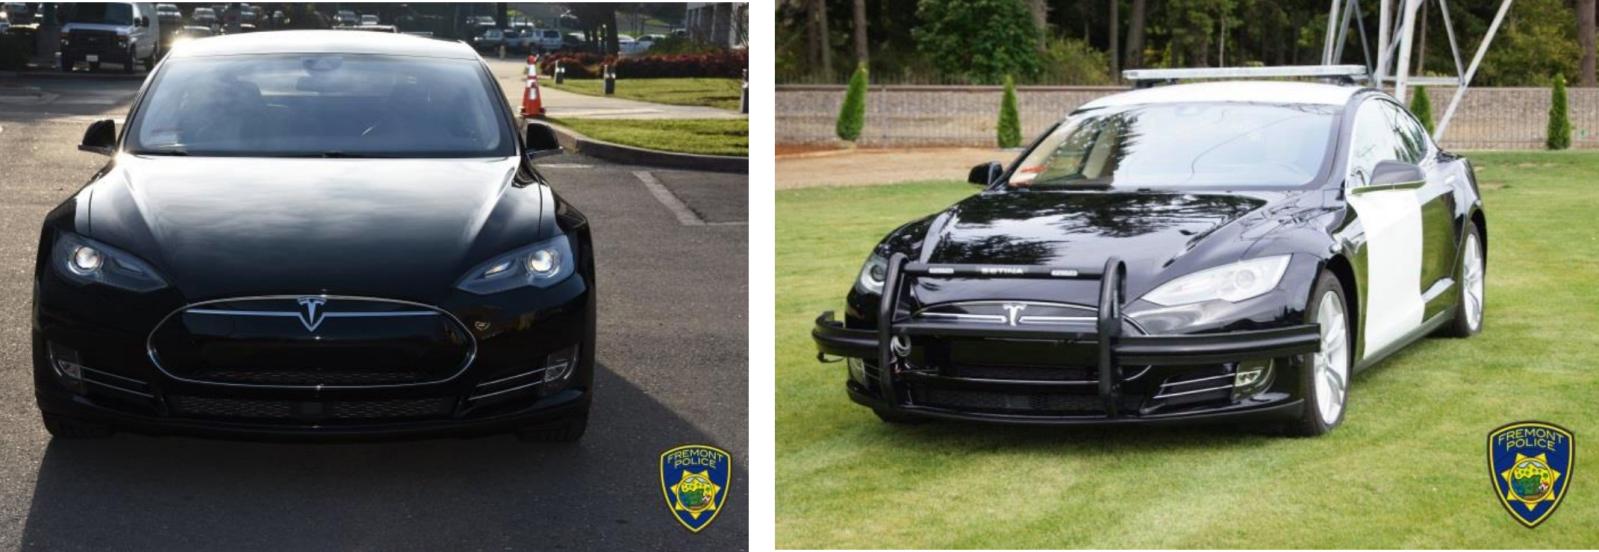 Tesla Model S Fremont Police Department